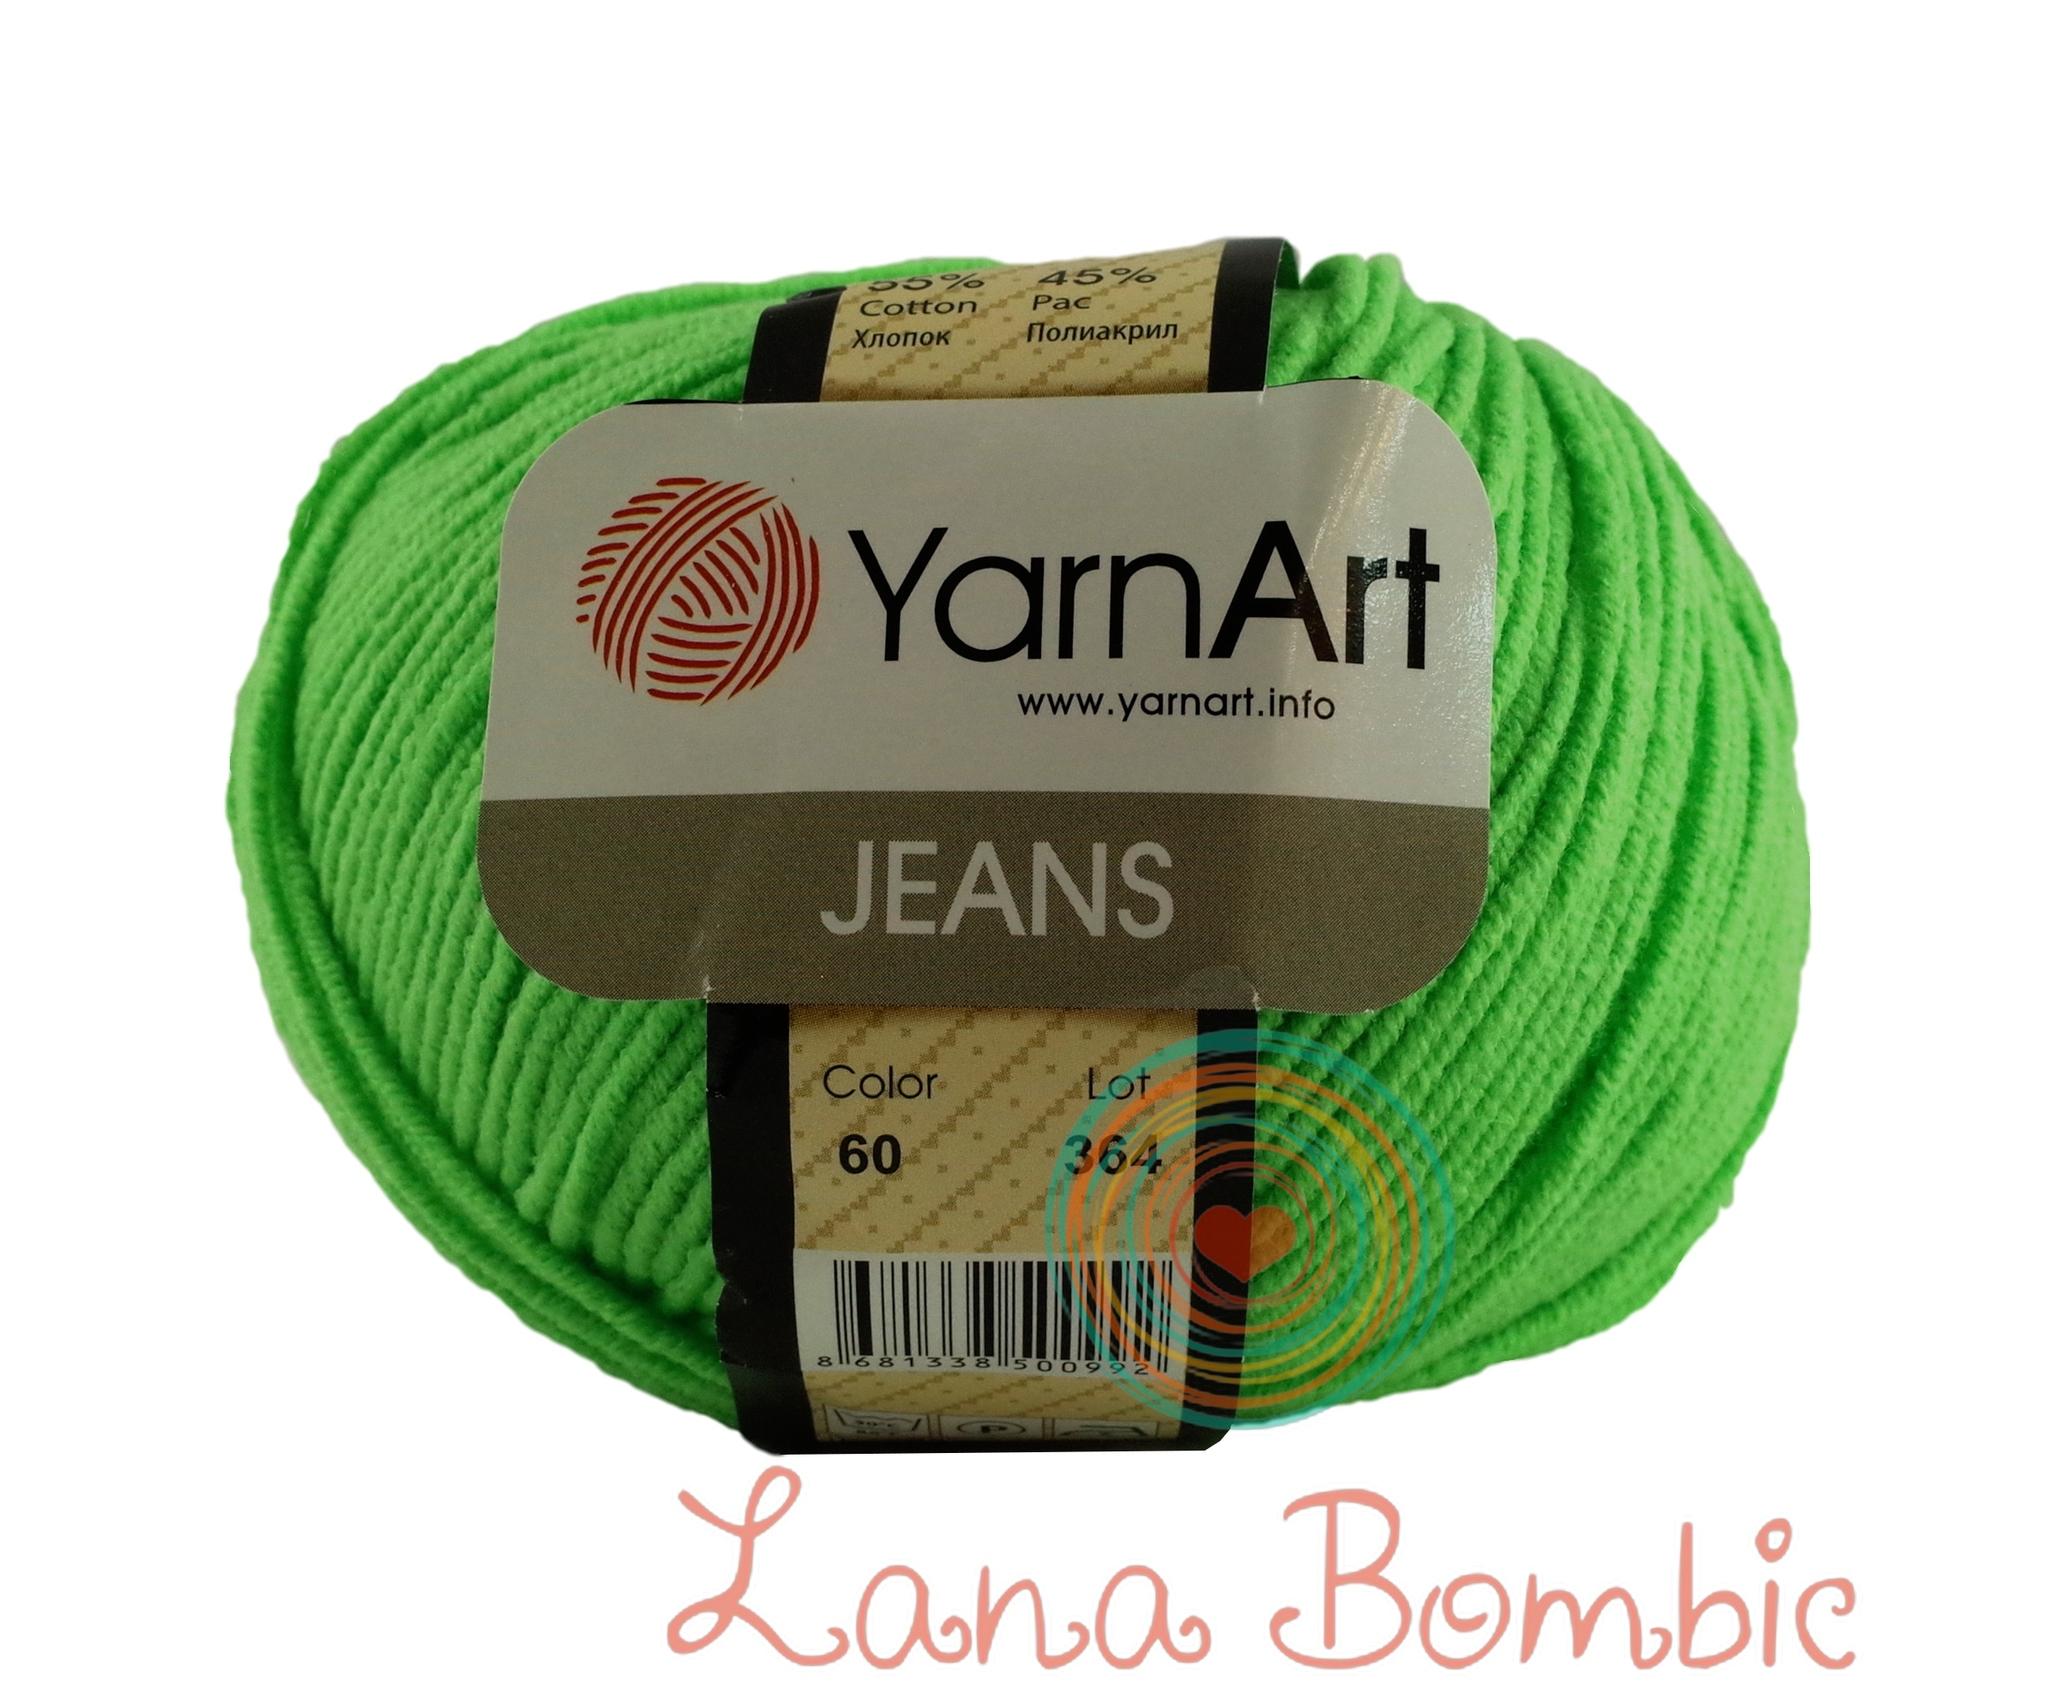 Пряжа YarnArt Jeans 60 салатовый